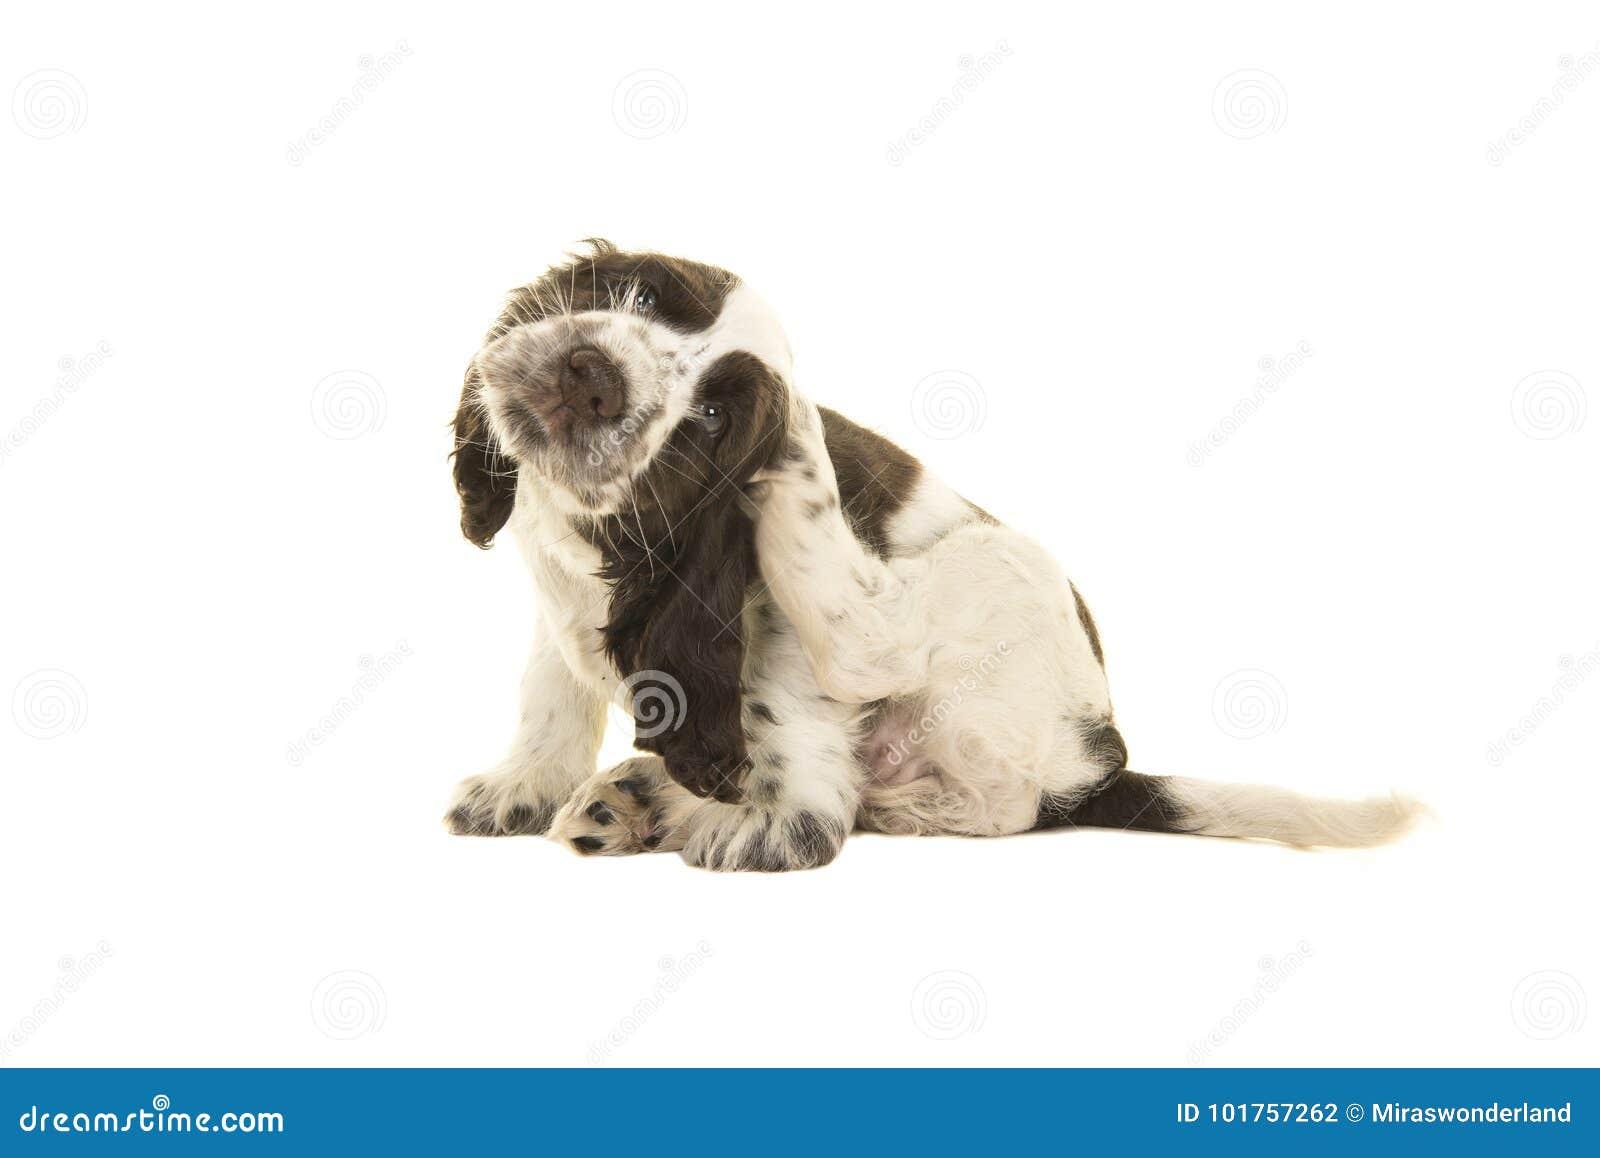 Cão branco e castanho chocolate do assento bonito de cocker spaniel de cachorrinho